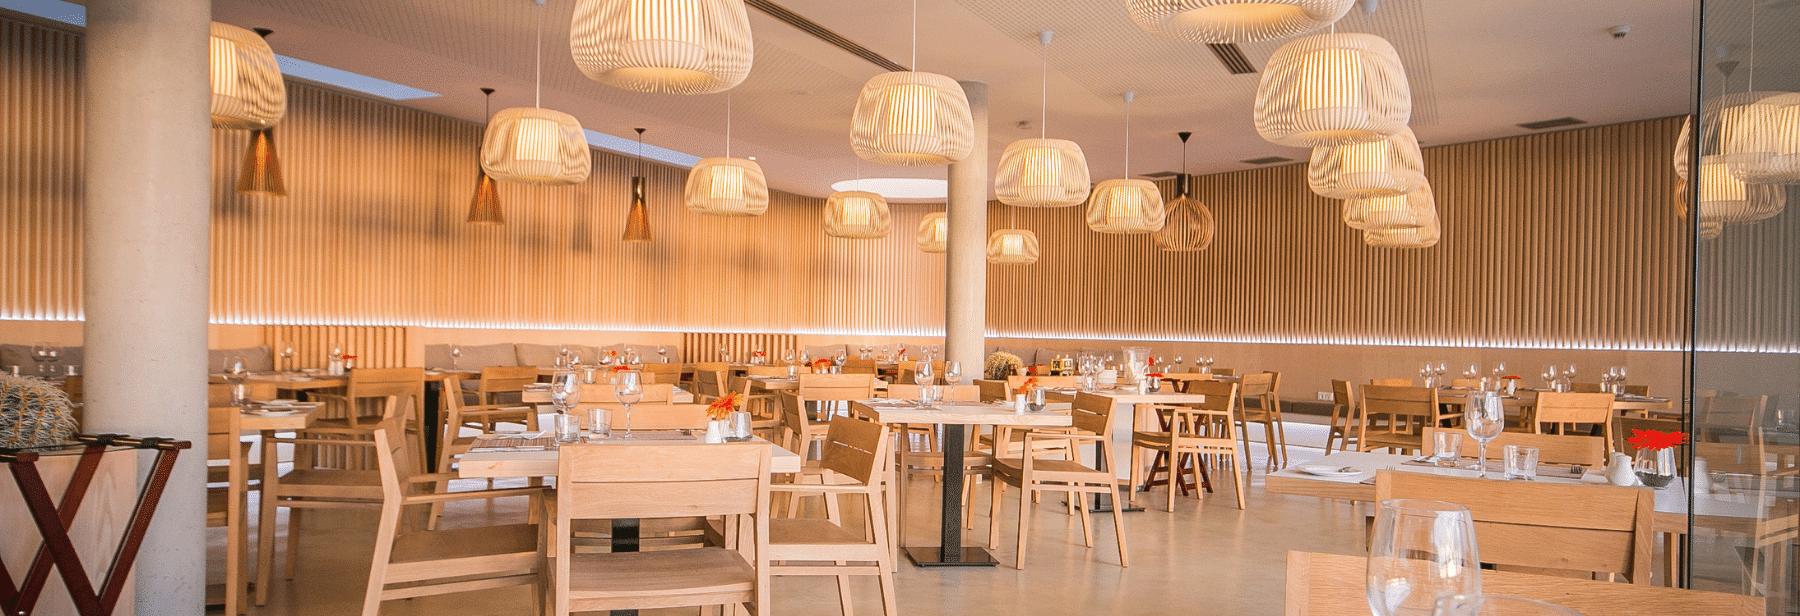 Restaurants at Club La Santa